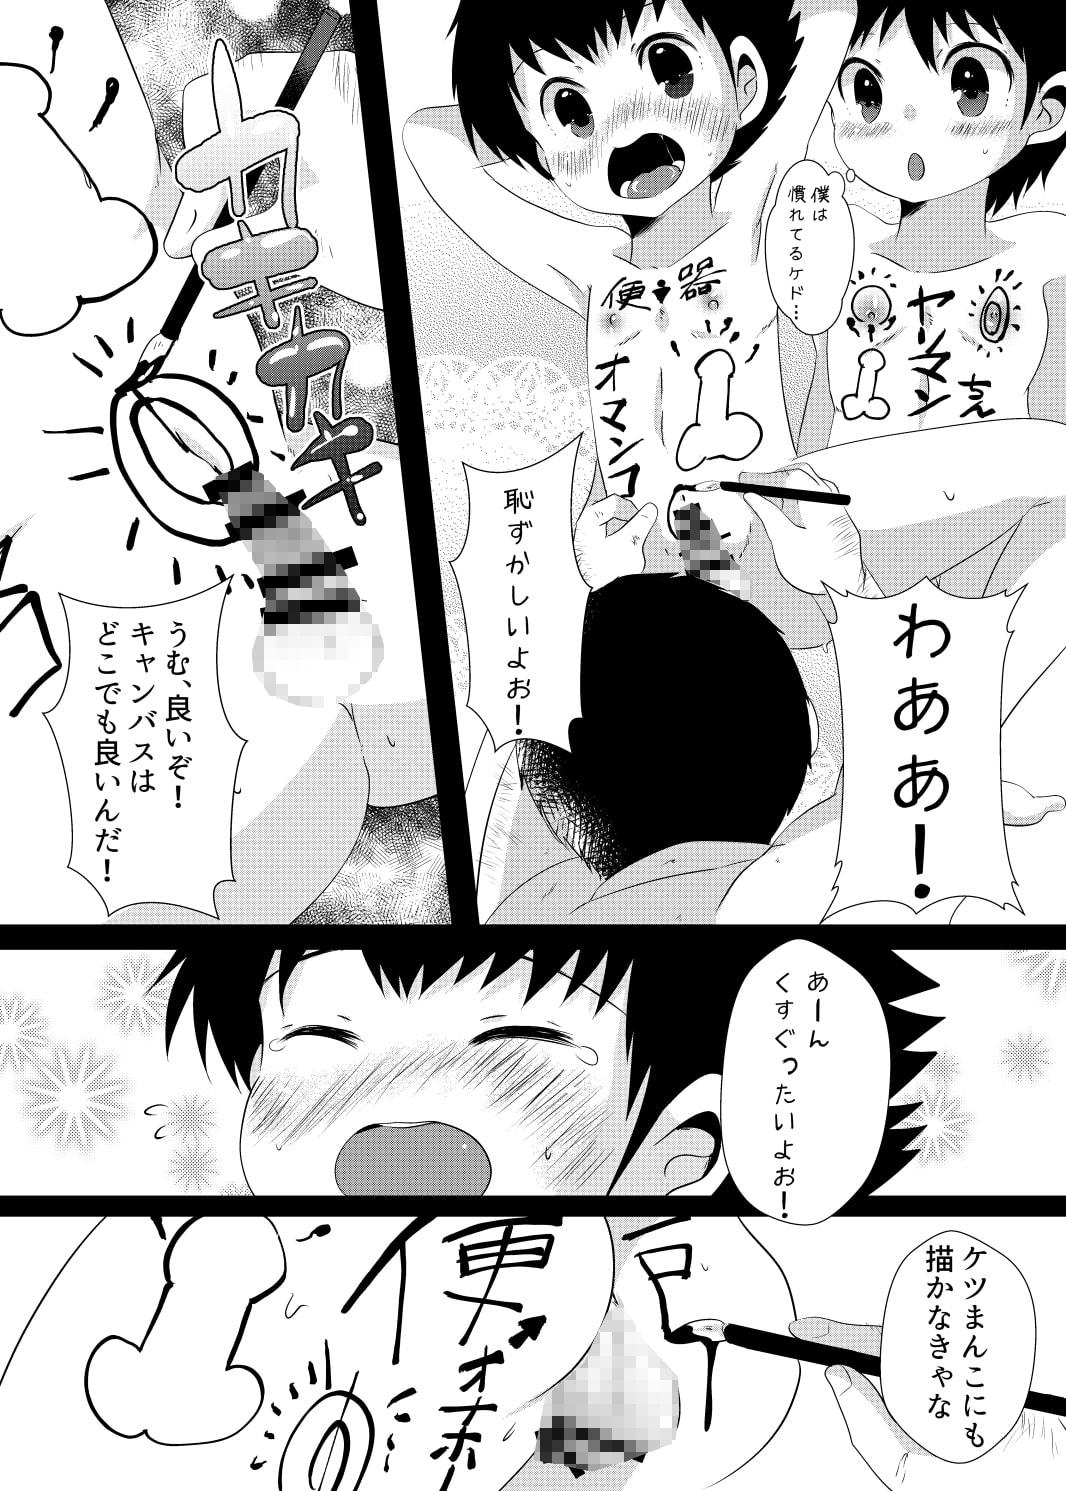 RJ319808 ゆ・う・わ・く~ビッチ少年達のハメハメヂゴク~ [20210306]